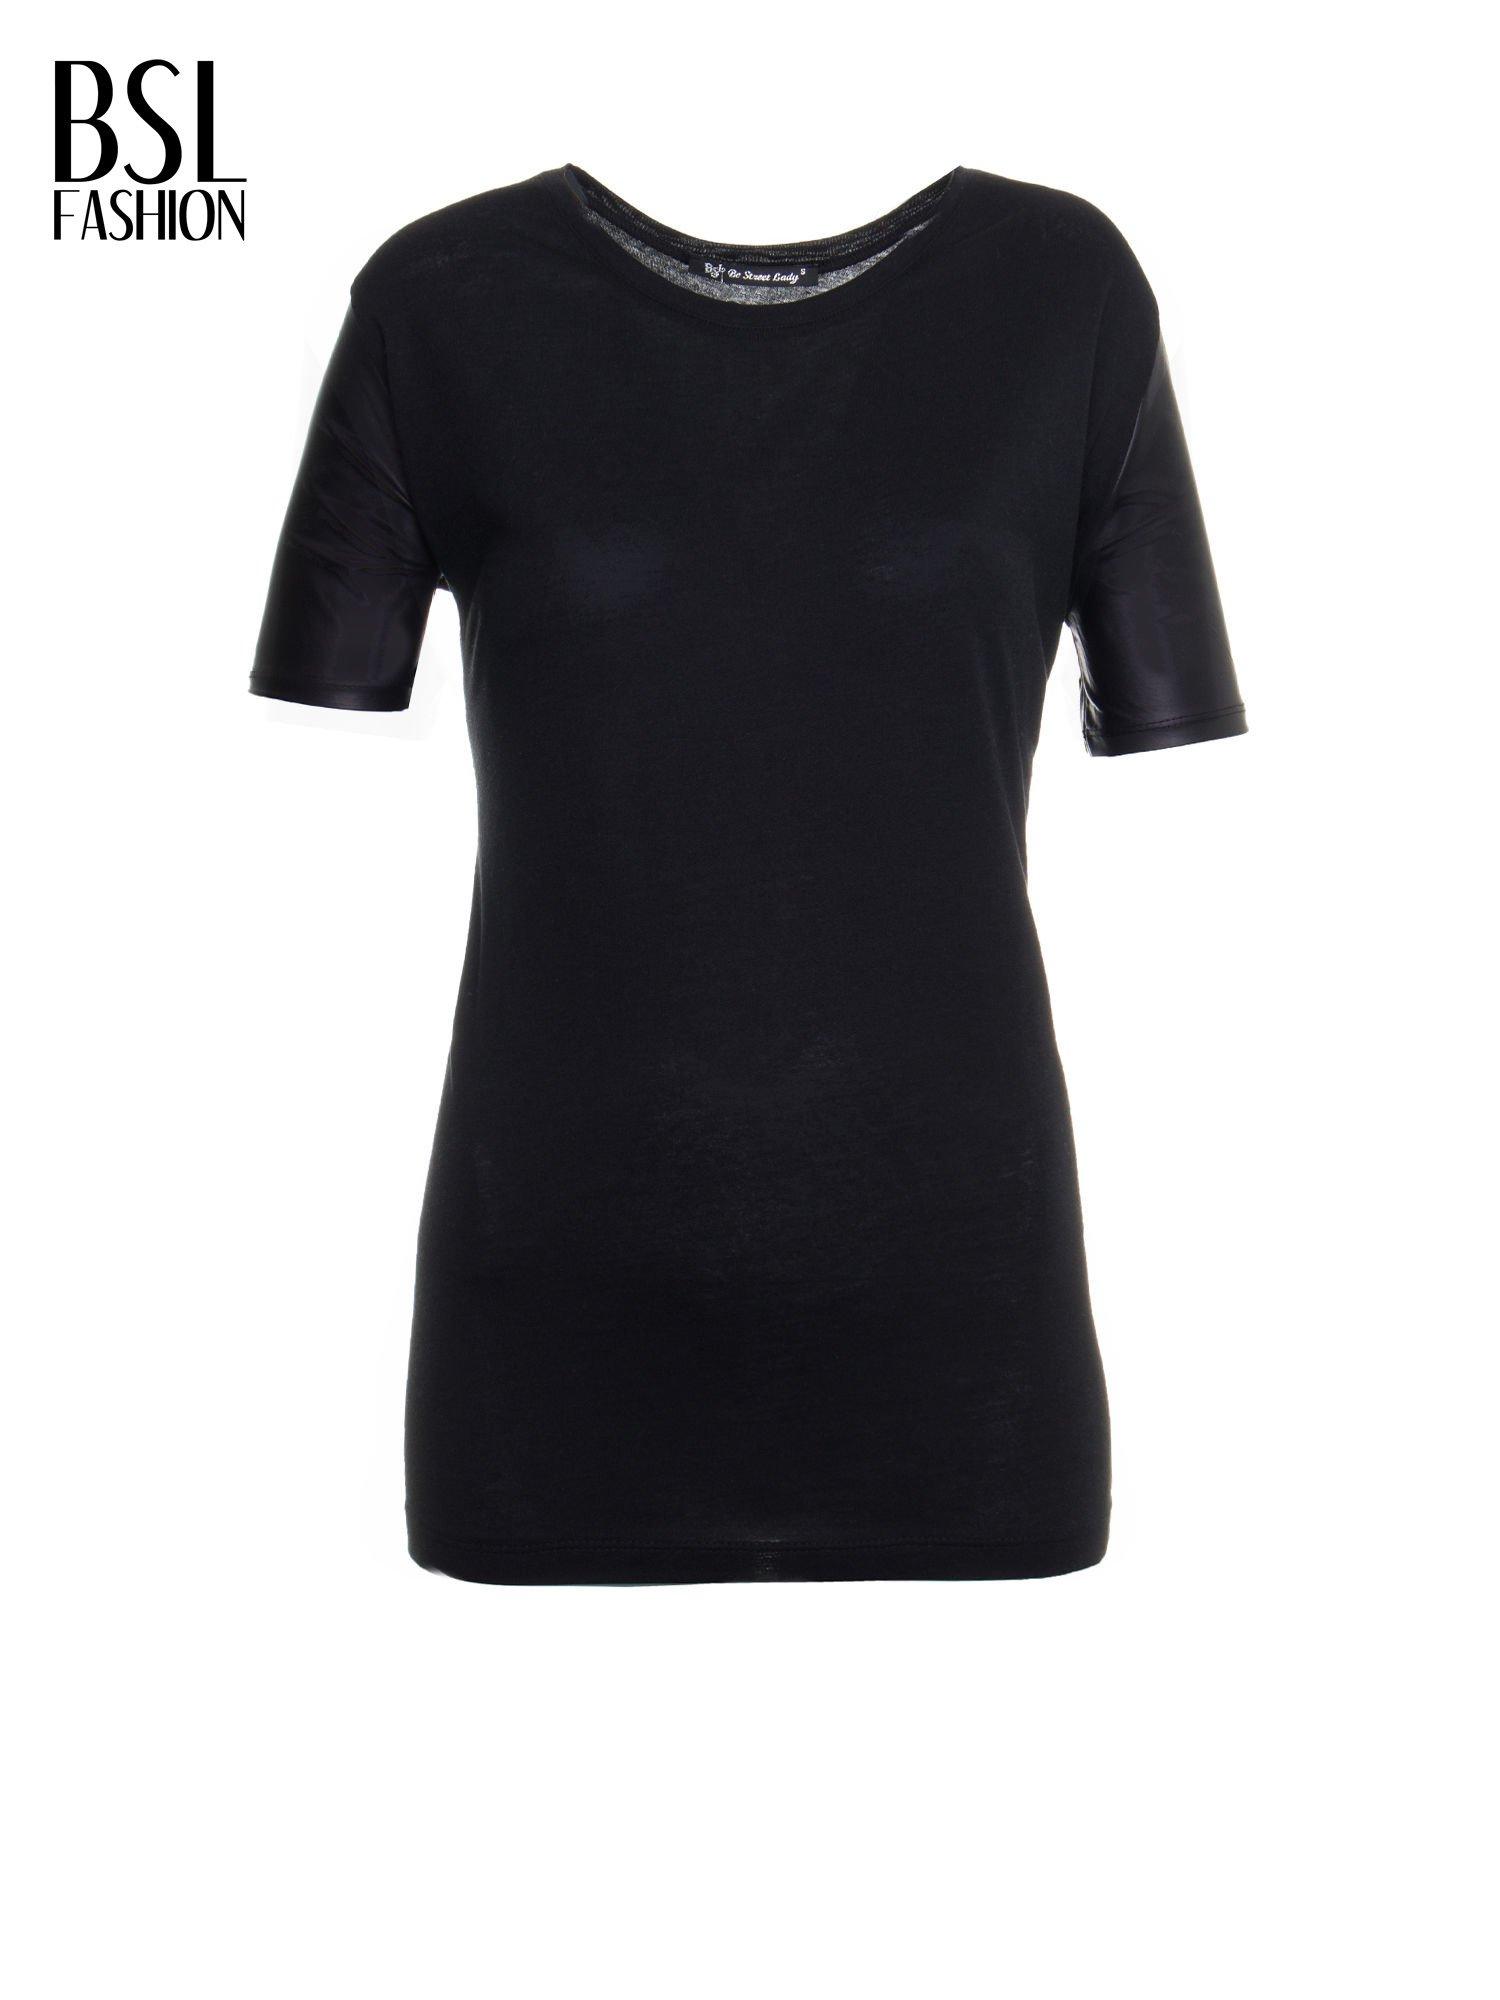 Czarny t-shirt z czarnymi skórzanymi rękawami                                  zdj.                                  2